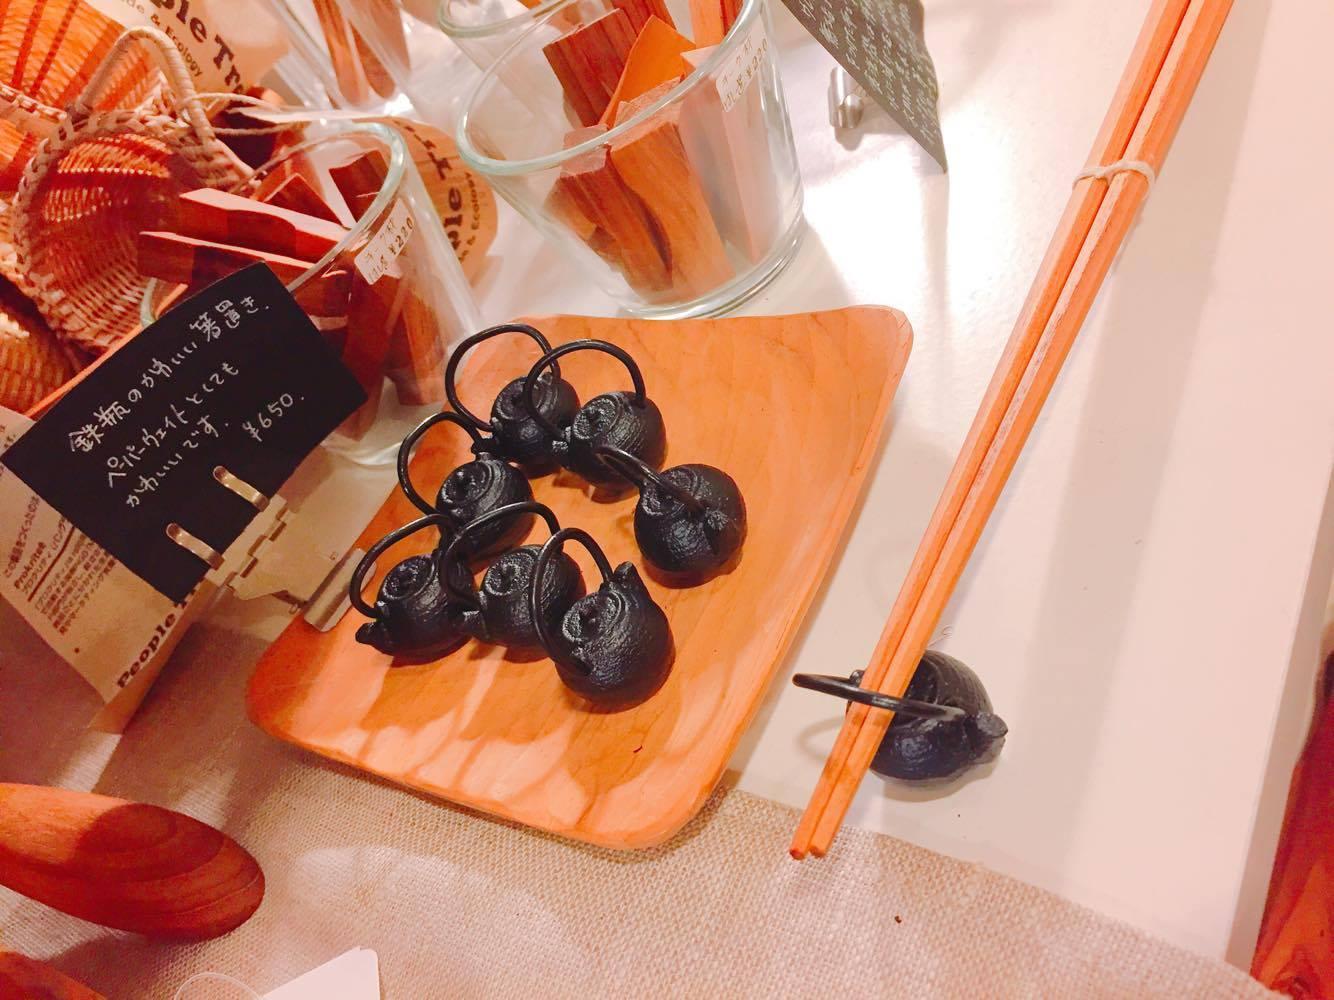 吉祥寺ハモニカ横丁にある雑貨好きの天国♪「octobre(オクトーブル)」